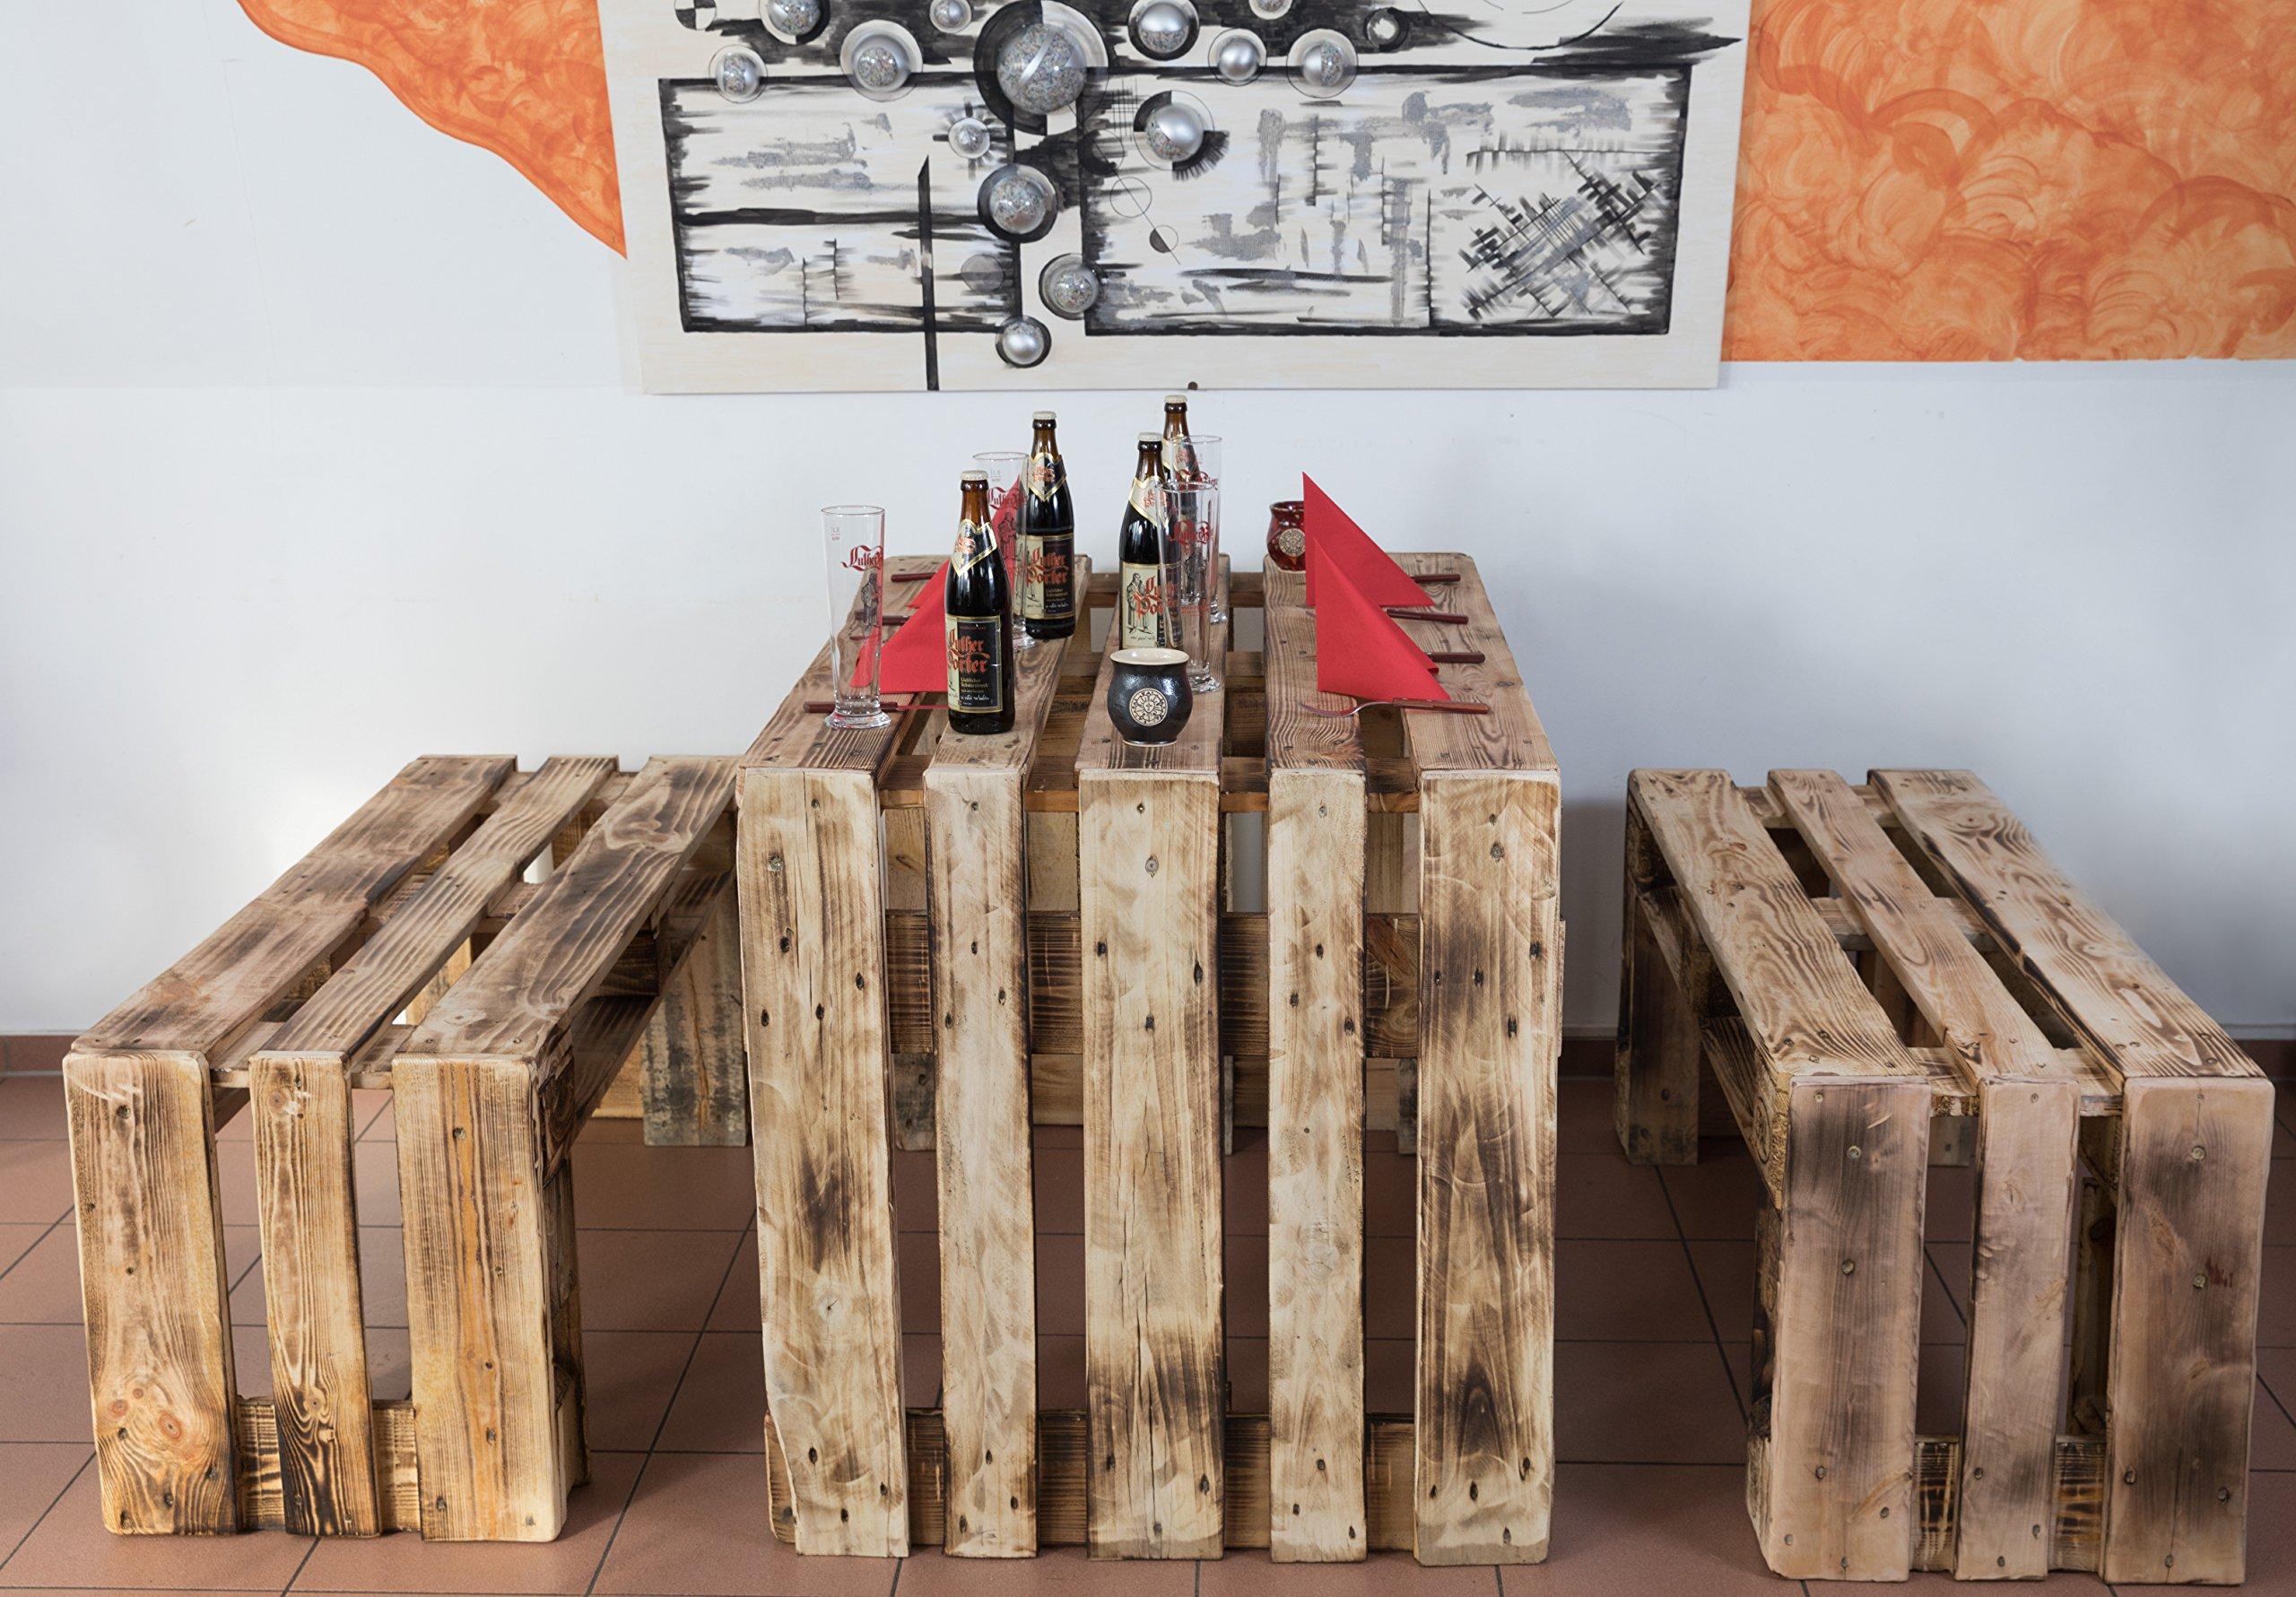 Tavolo con banche realizzati con bancali in legno.